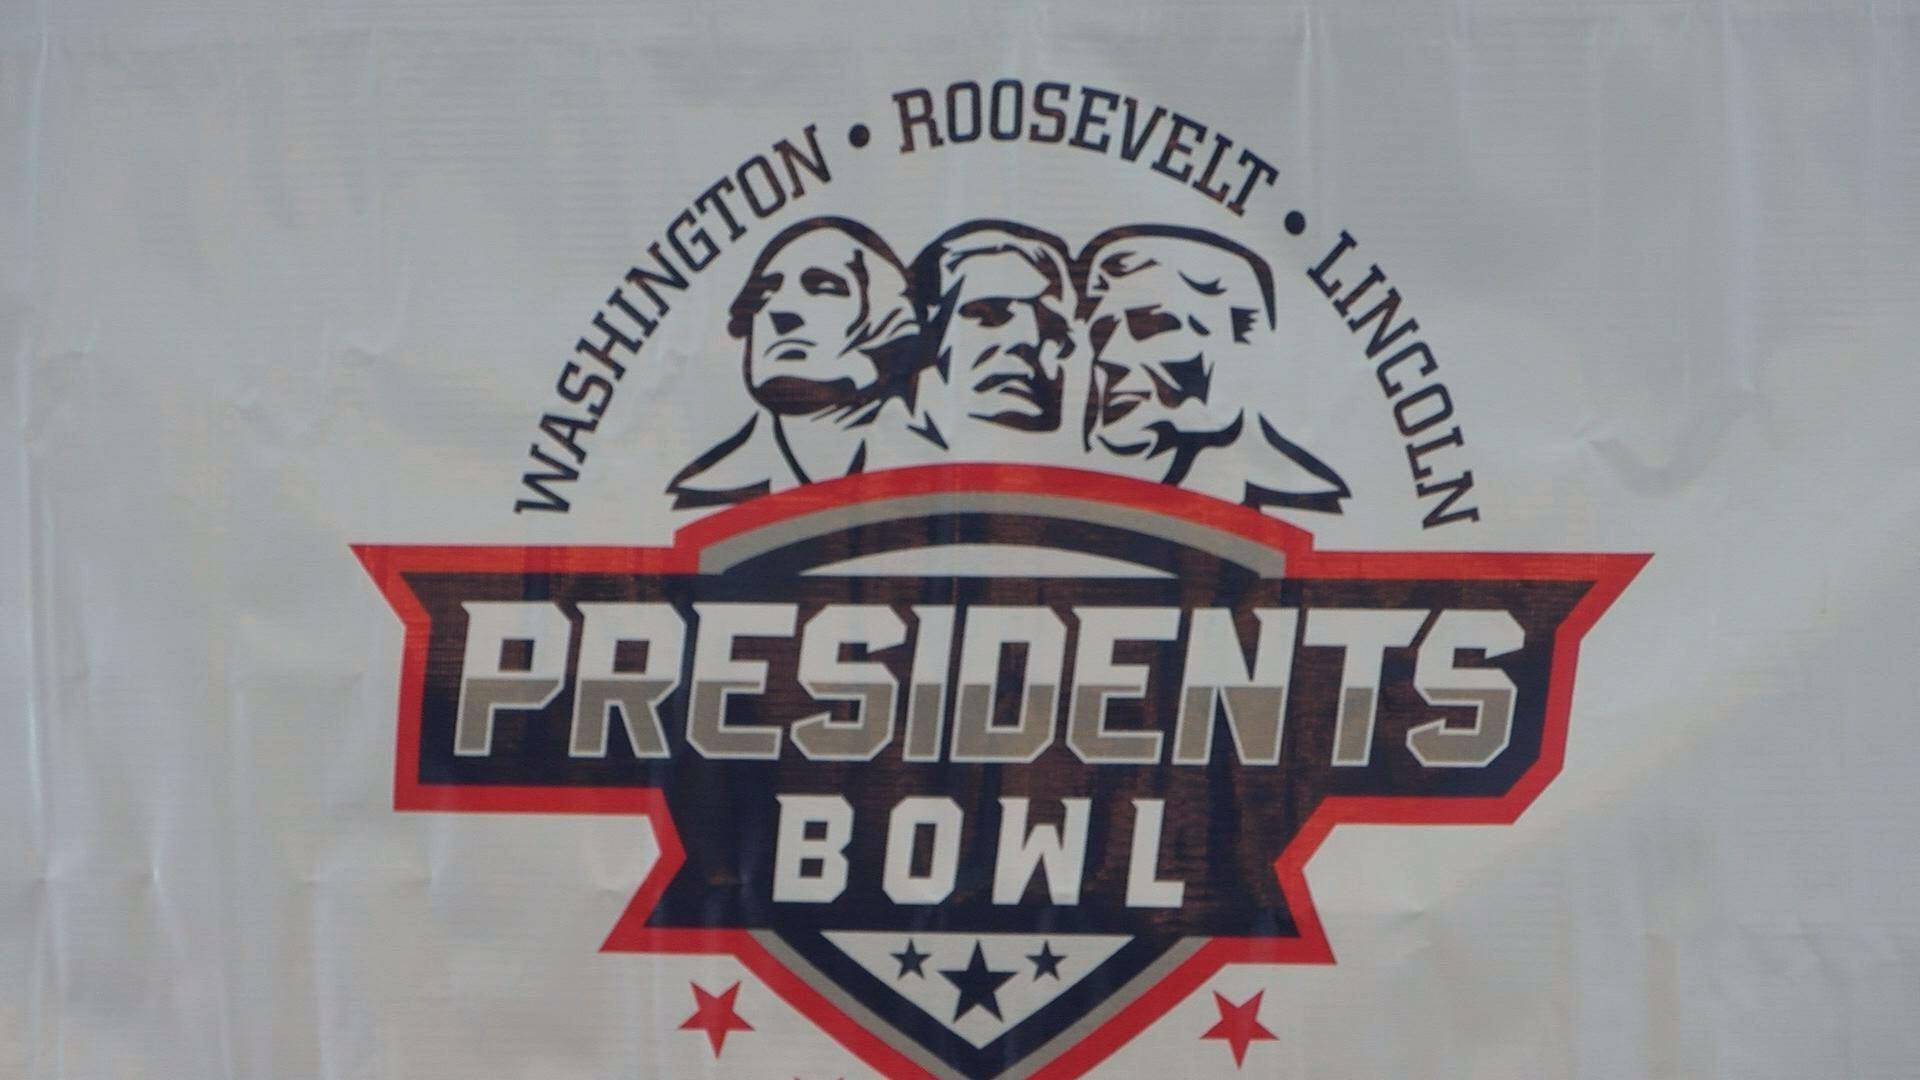 PresidentsBowl_1535593180170.jpg